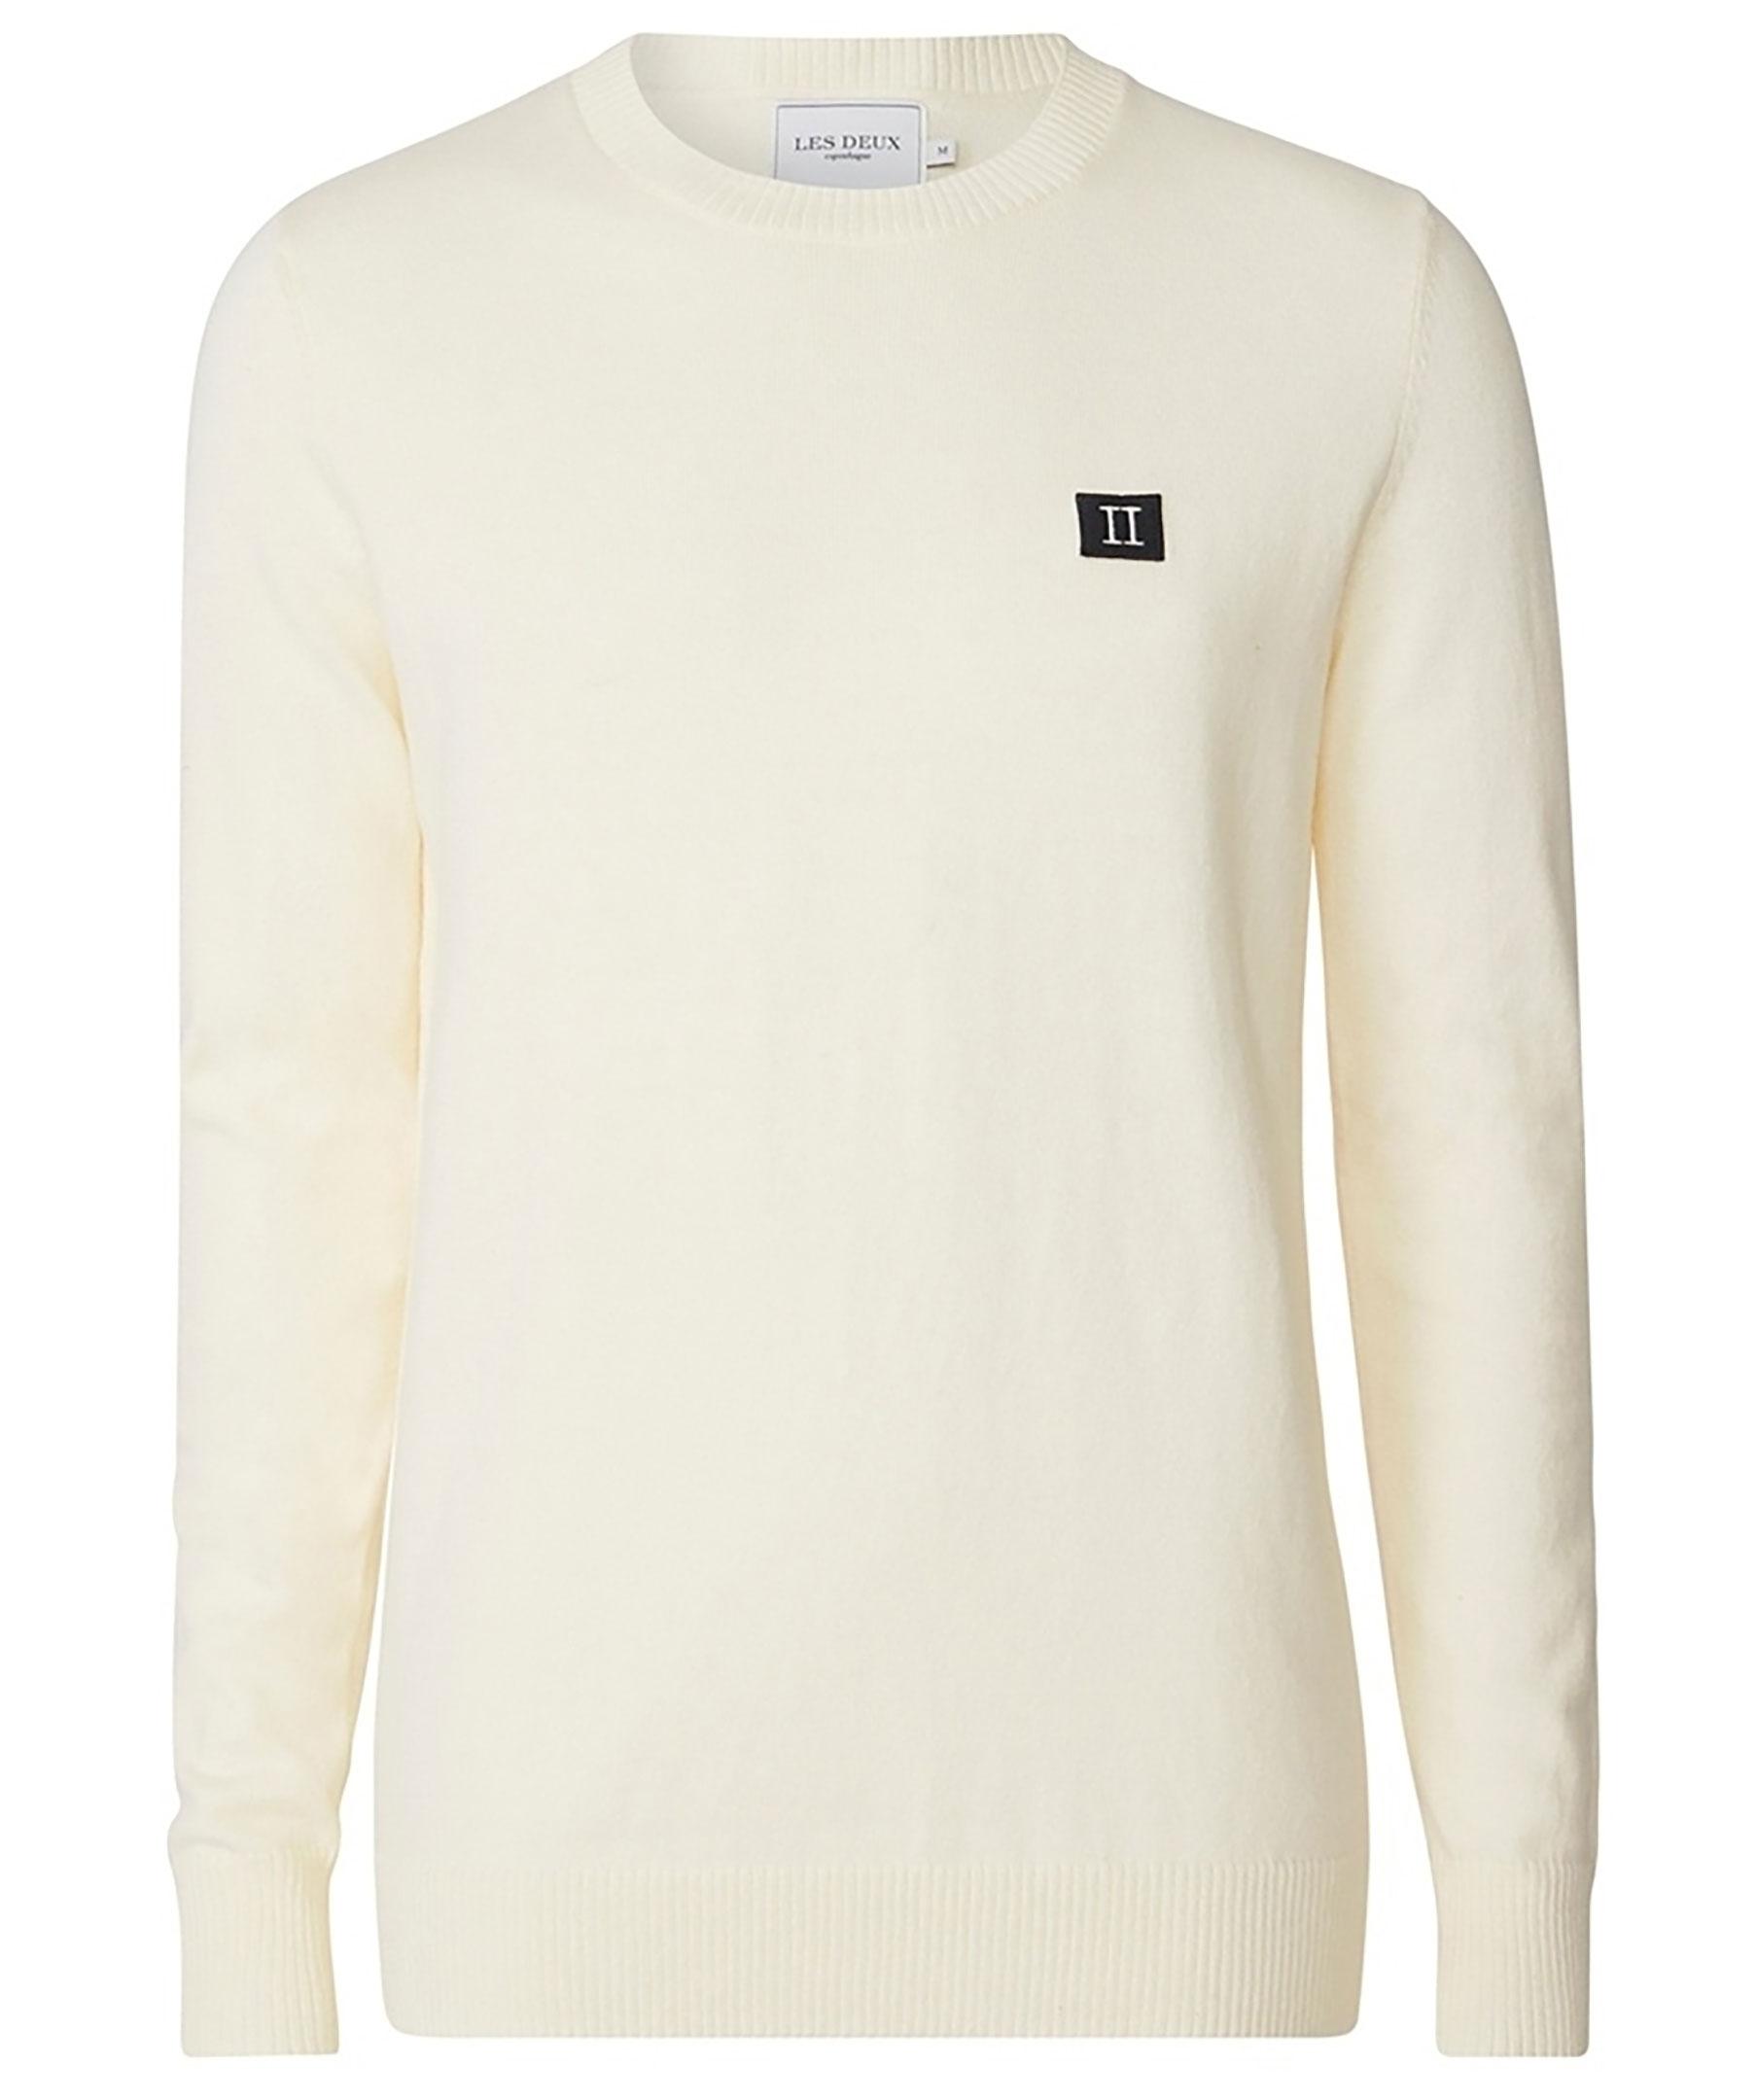 Tröjor från välkända varumärken för man | Johnells